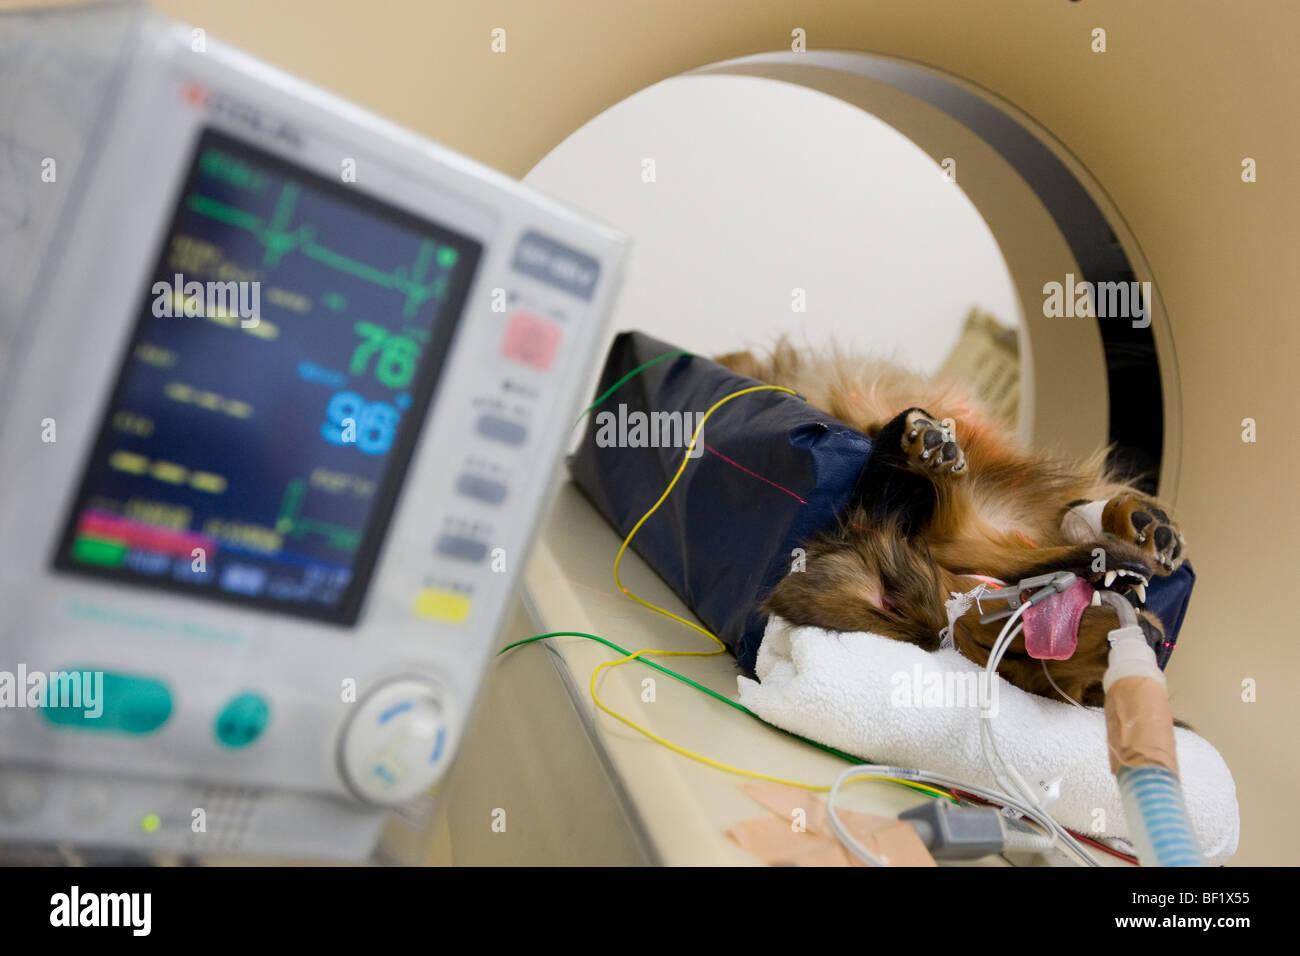 Un dachshound chien subit une tomodensitométrie, lors d'une clinique vétérinaire japonais. Banque D'Images